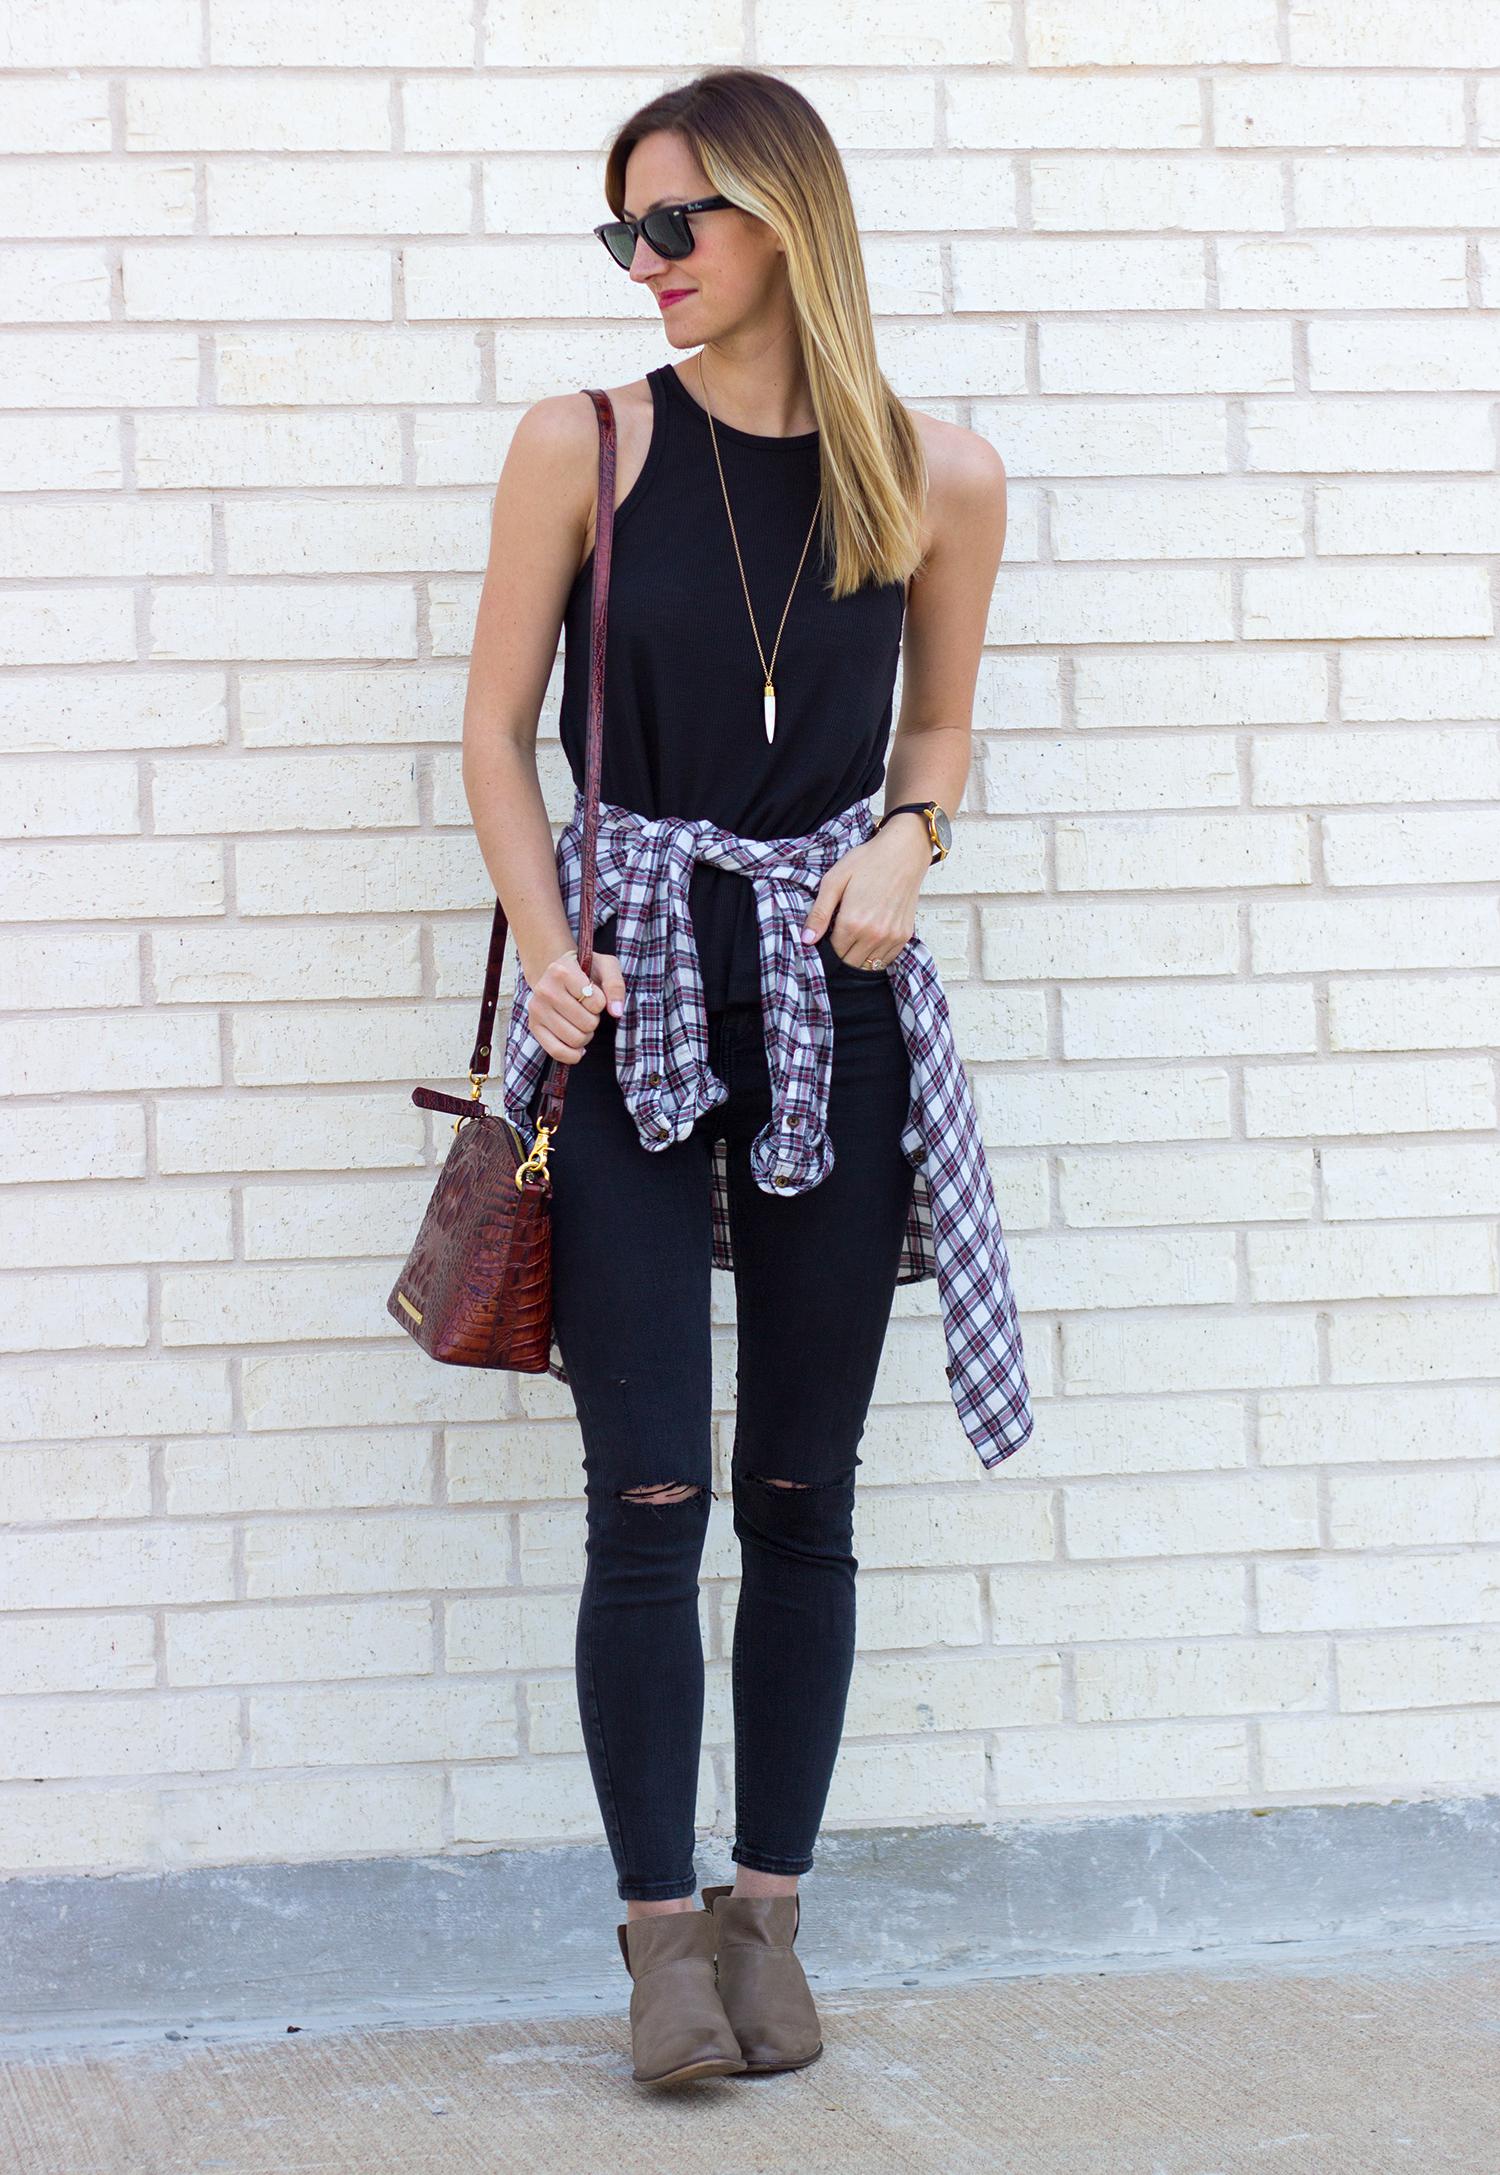 Austin Fashion & Style Blog By Olivia Watson